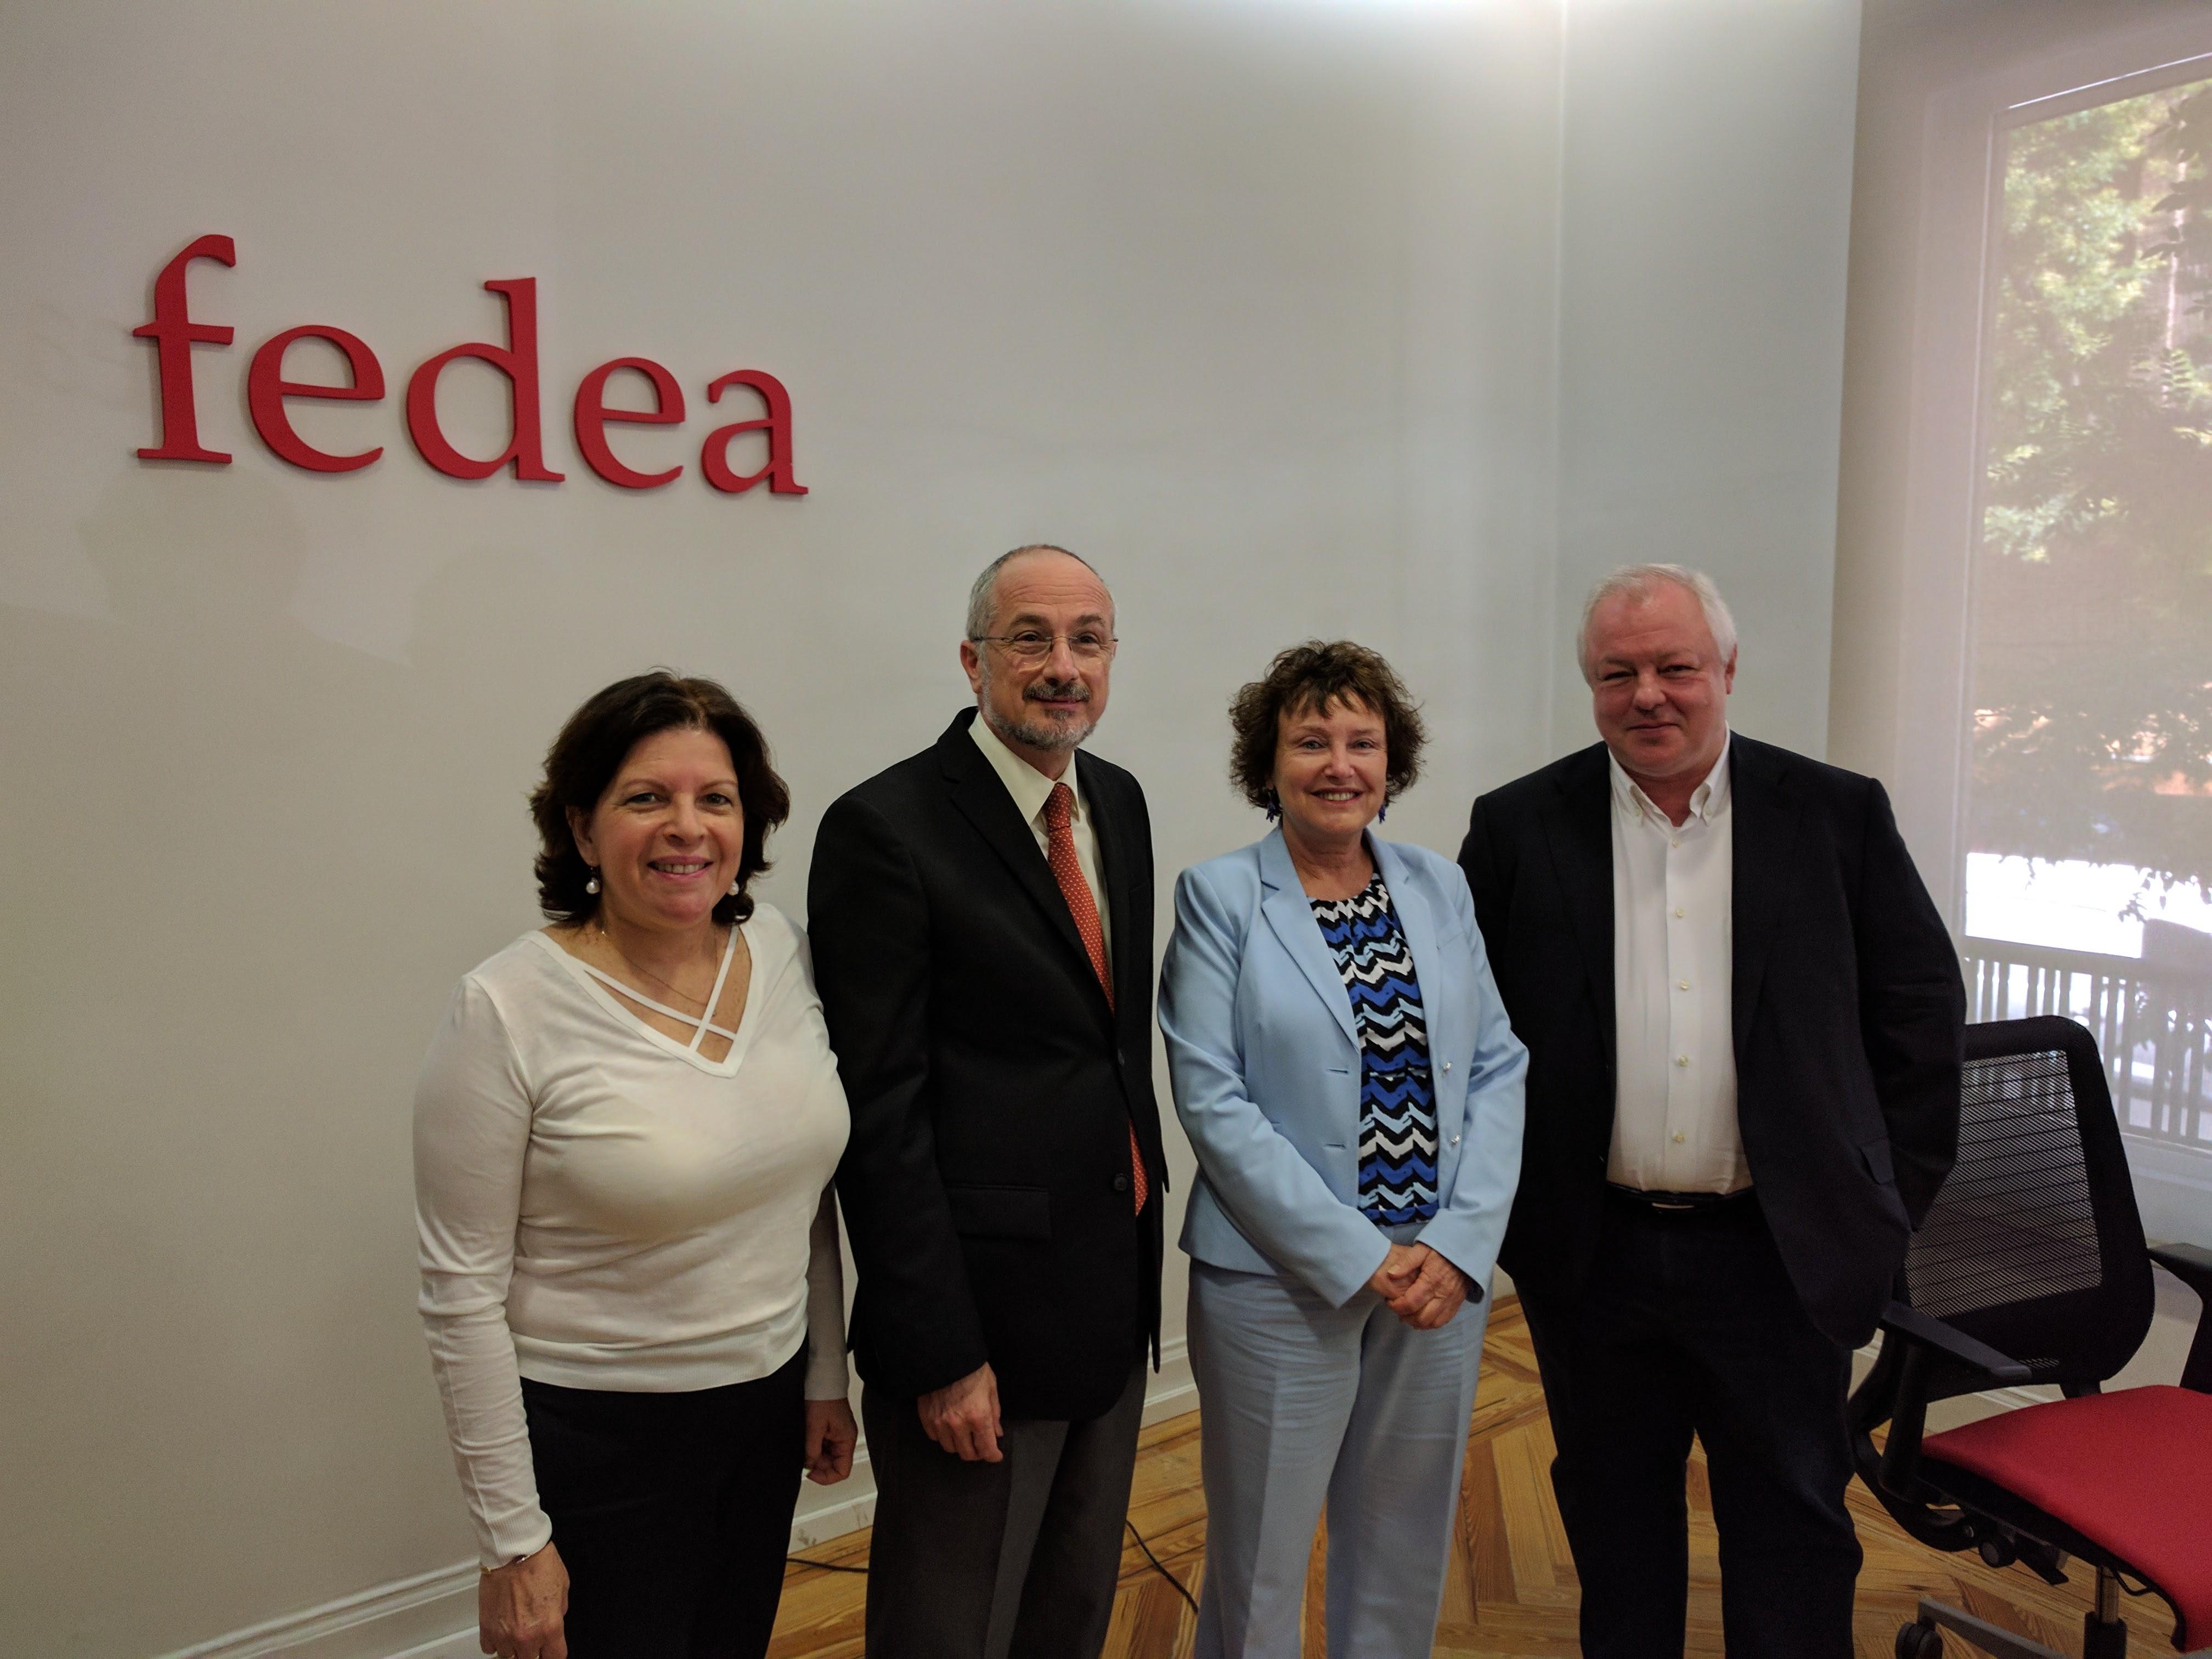 Foto: Shirley Kutner, Daniel Kutner (Embajador de Israel en España) Karnit Flug (Gobernadora del Banco de Israel) y Ángel de la Fuente (Director de Fedea).